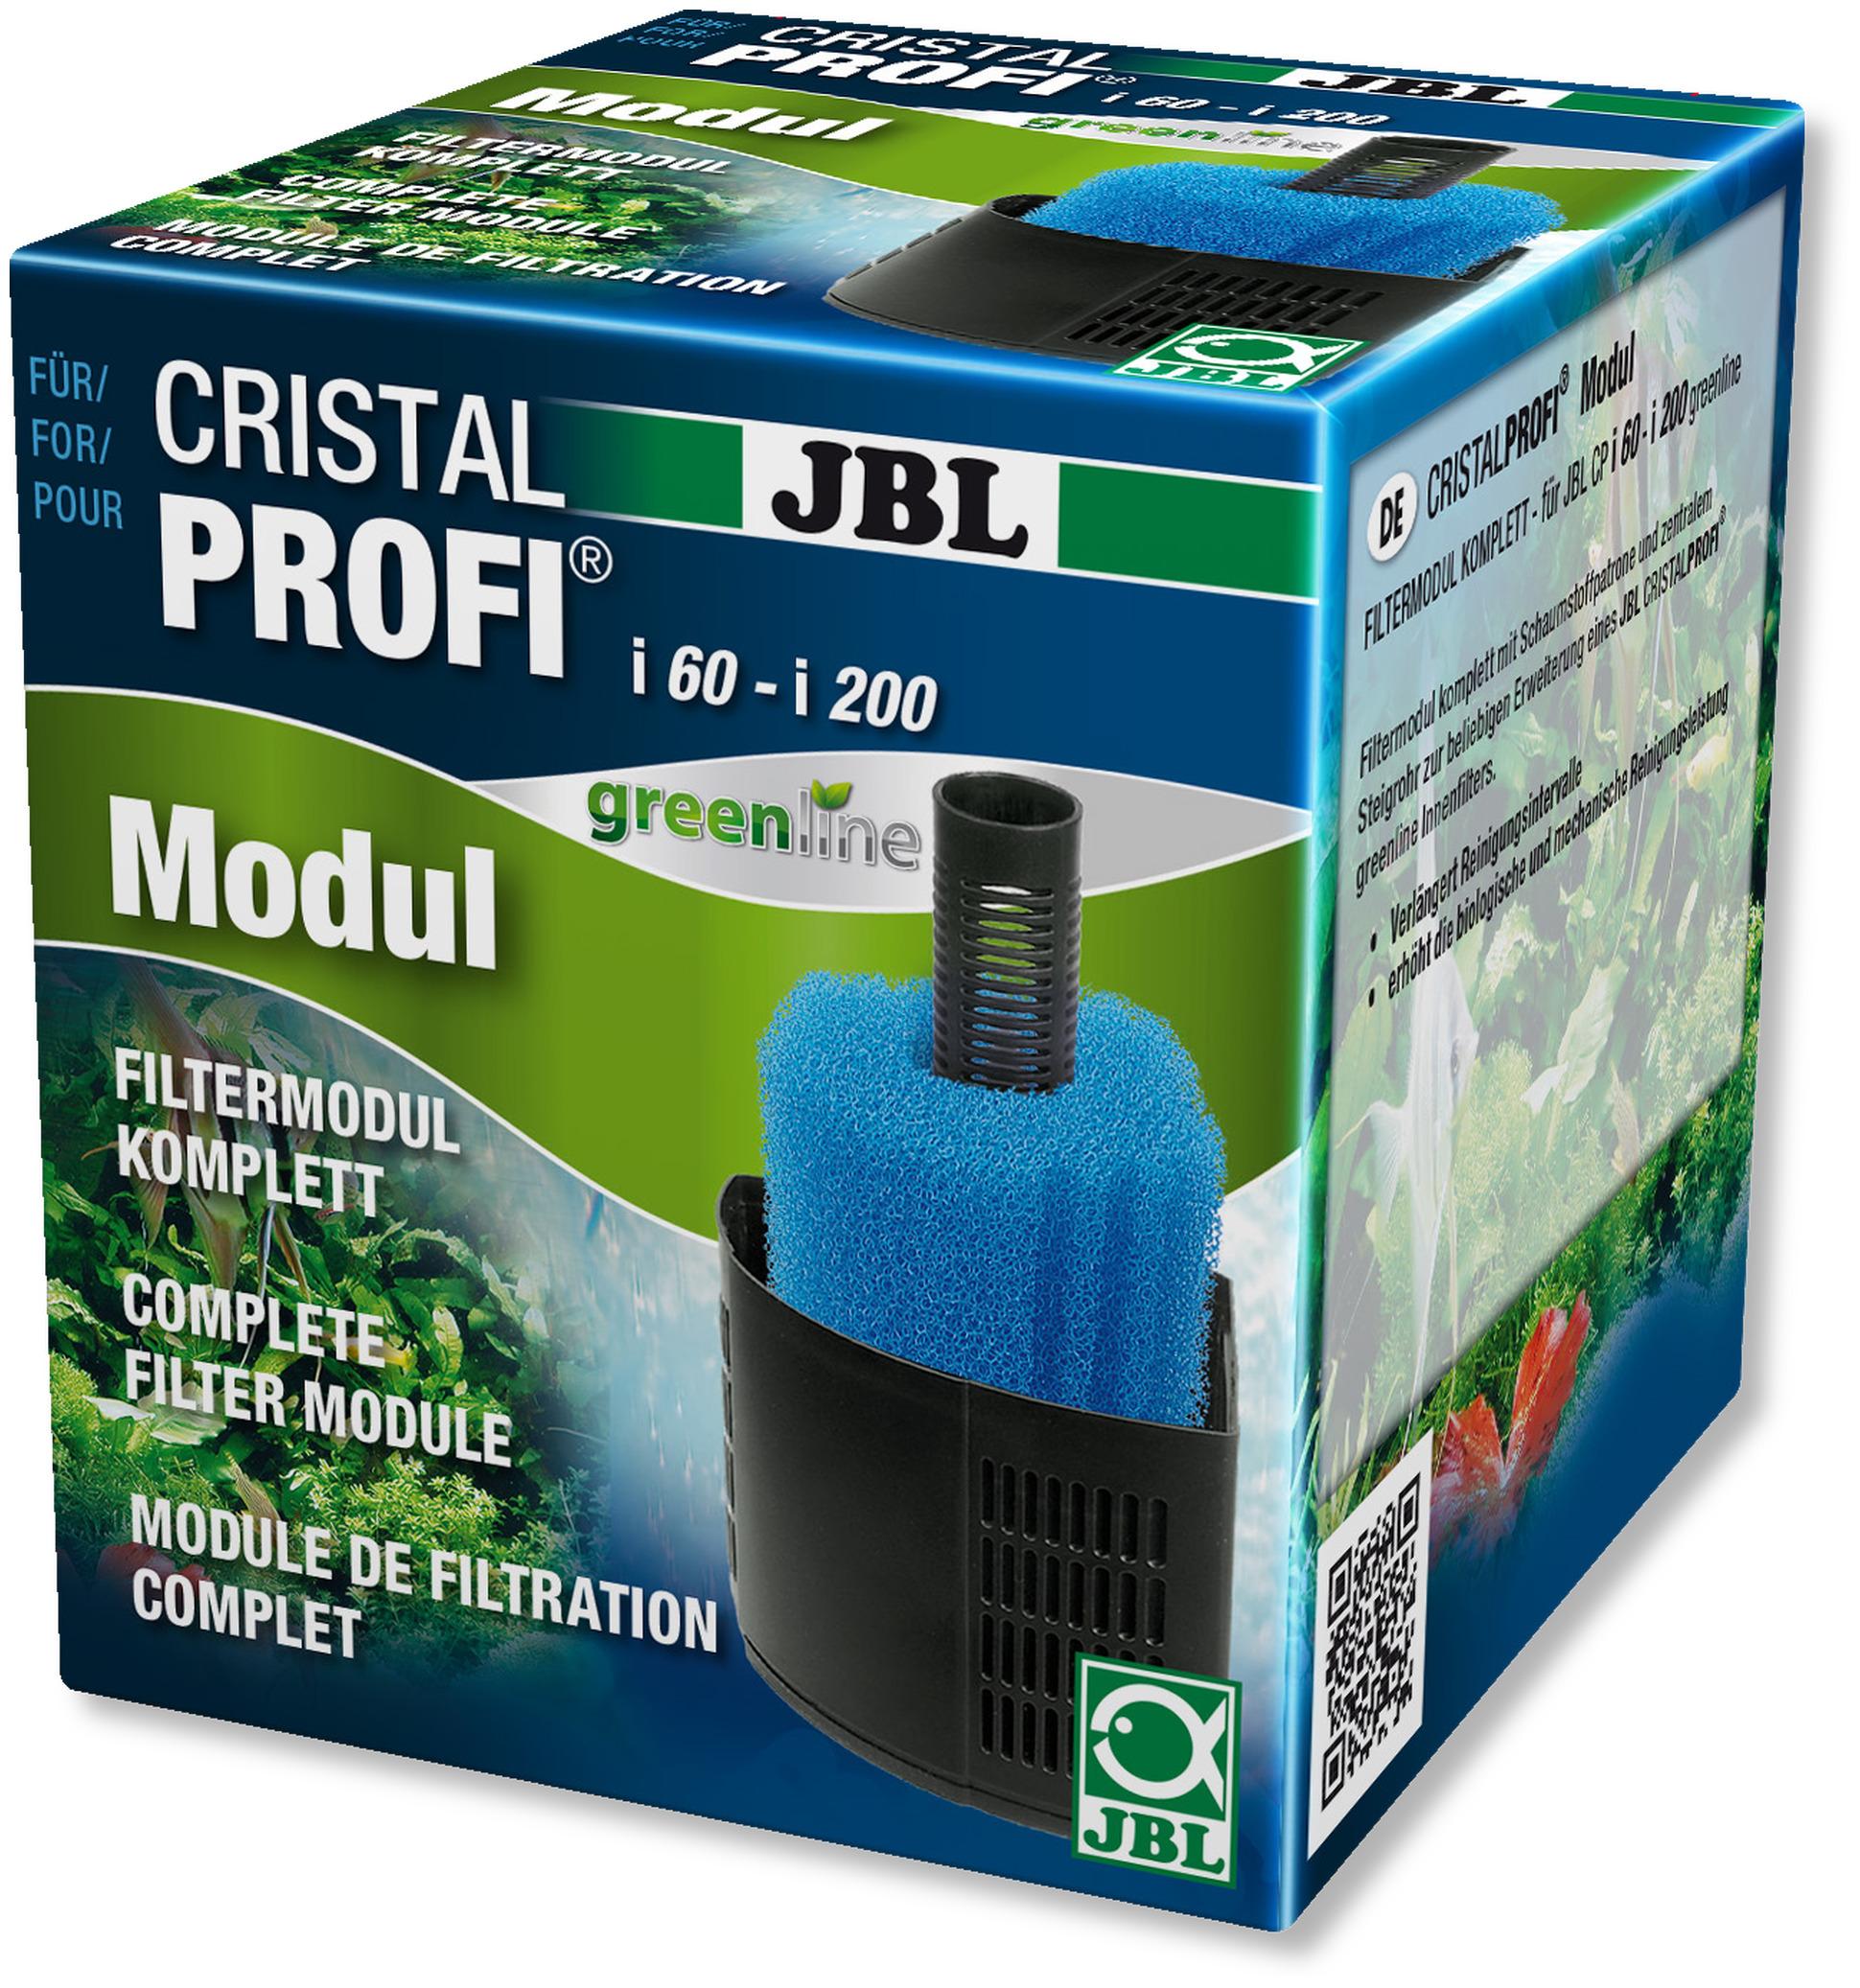 JBL Module de filtration complet pour filtres Cristal Profi GreenLine i60, i80, i100, i200